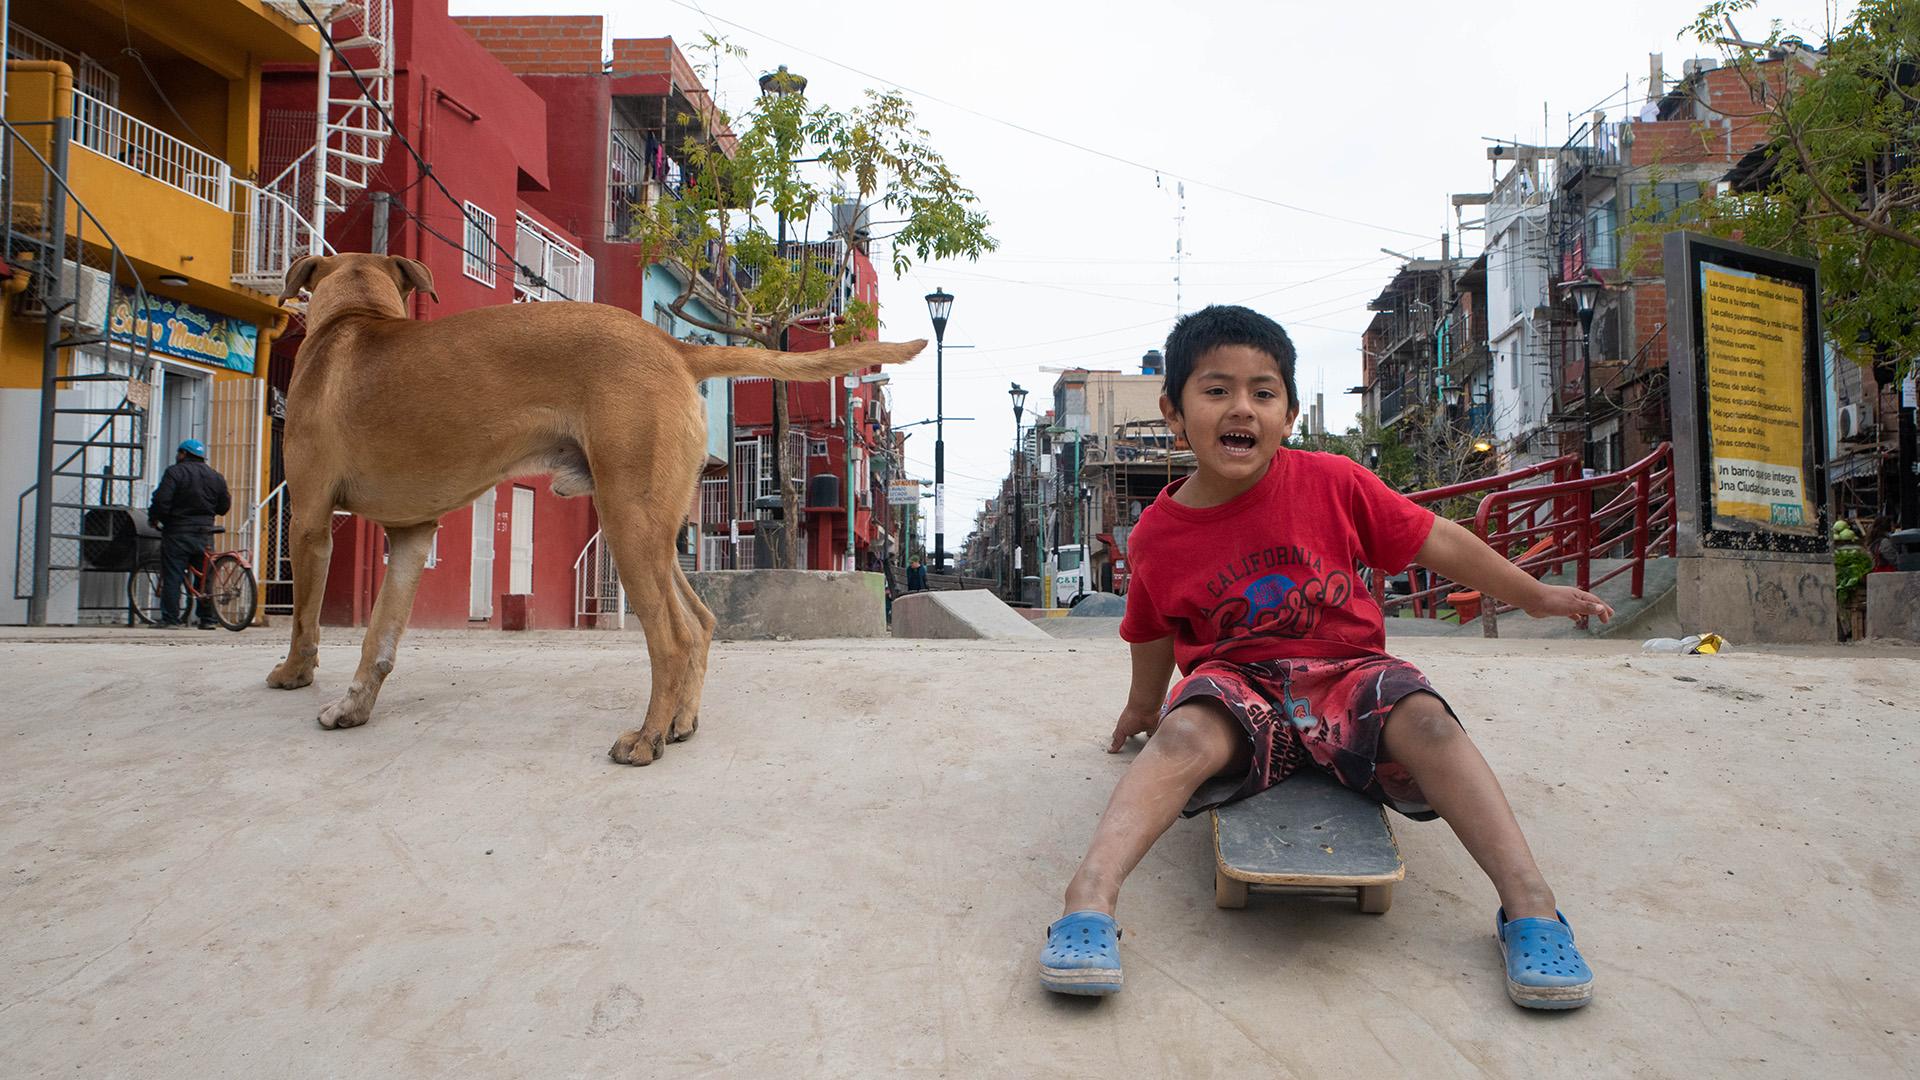 Al margen de mantenerlos alejados de la violencia, los expertos aseguran que el skate contribuye a la salud de los menores, a su desarrollo personal, y al de su comunidad